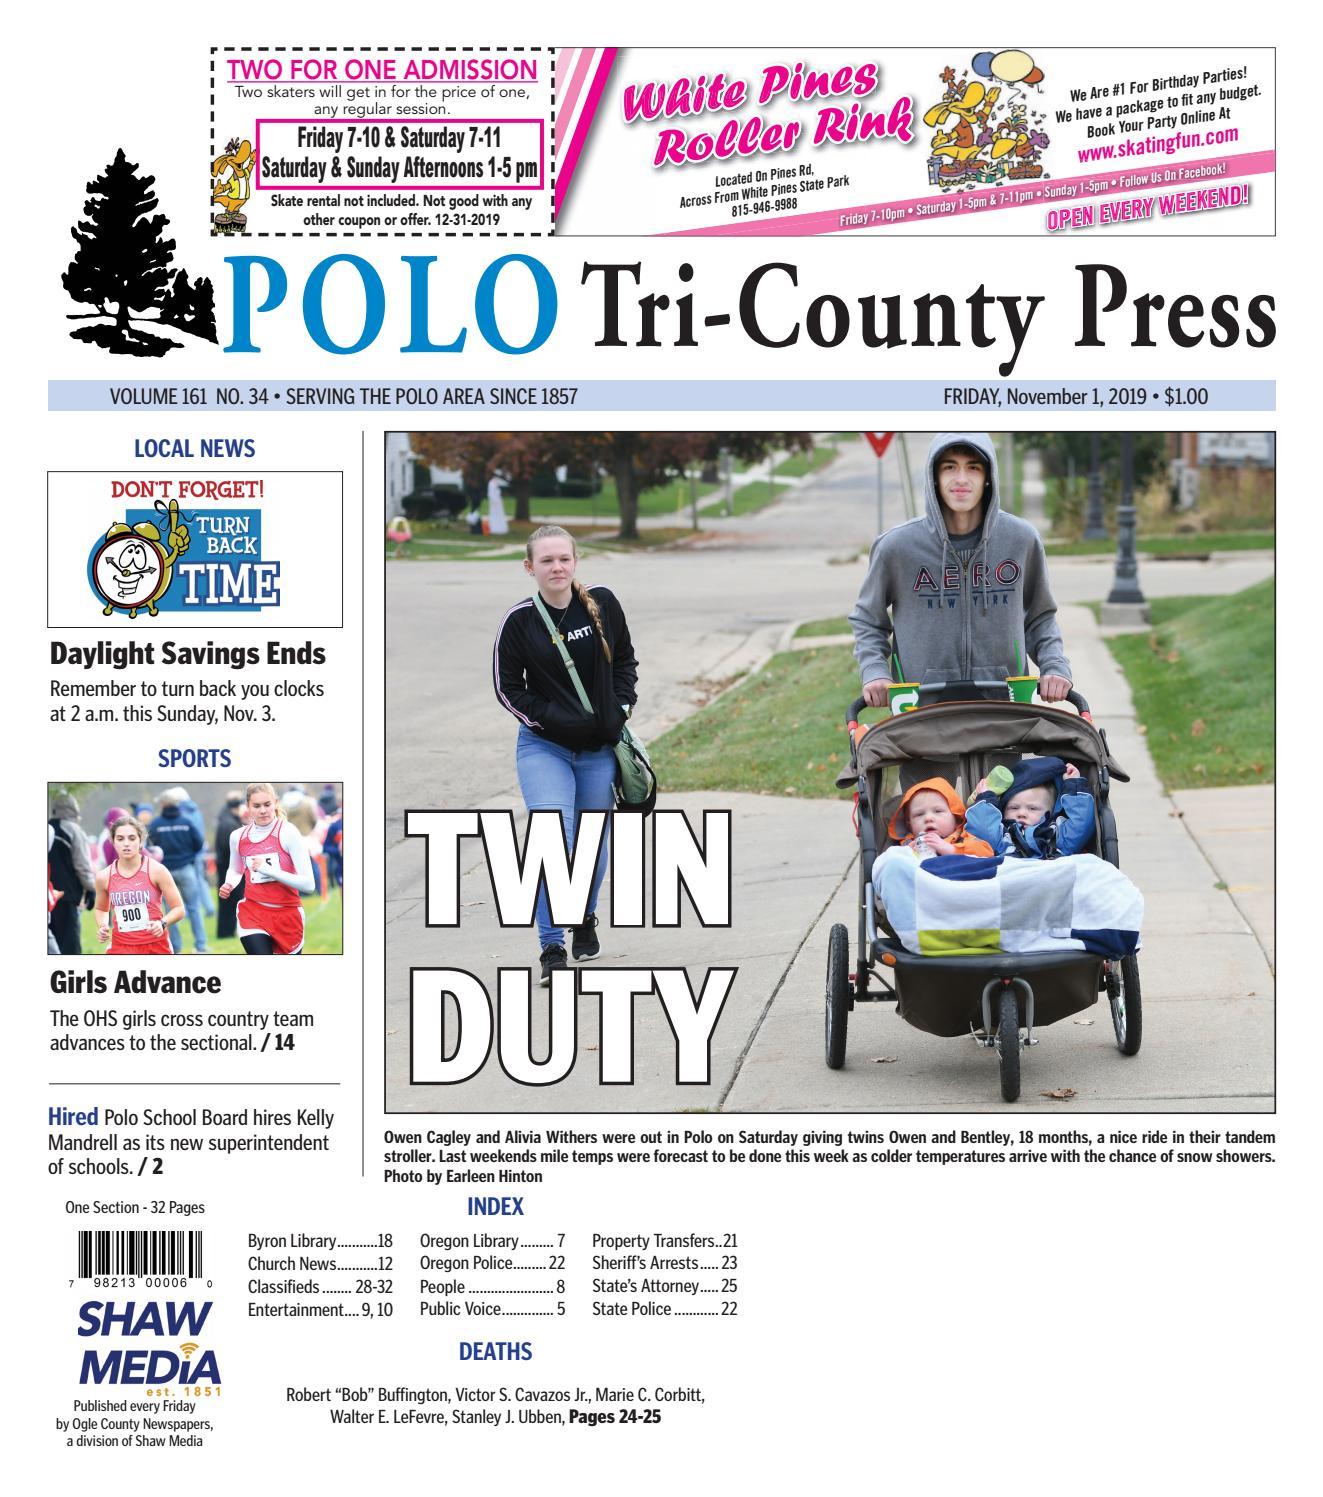 John Deere Childs Girls Rosa Polo 3-4 anni